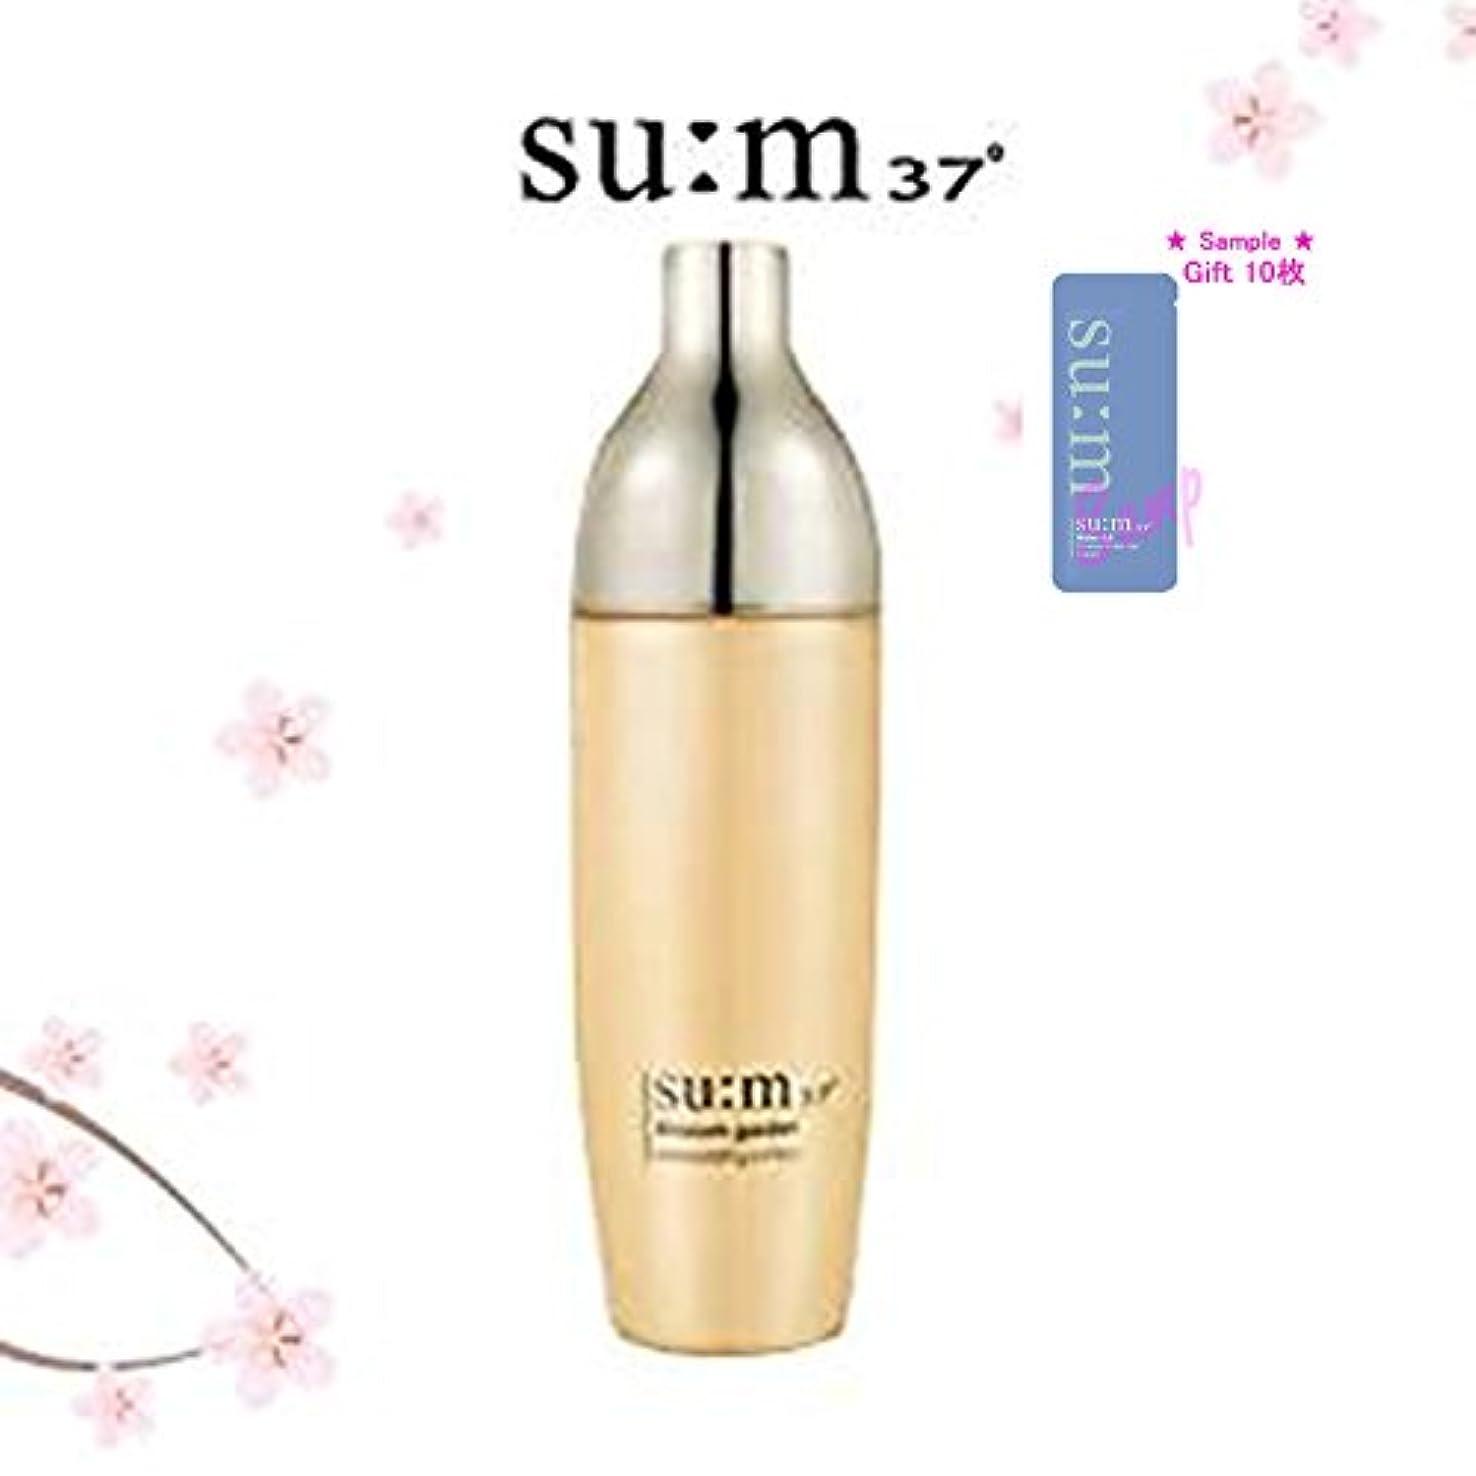 膨張する回復負sum37(スム37)ブロッサムガーデンモイスチャライジングスキン150ml(blossom garden moisturizing skin)